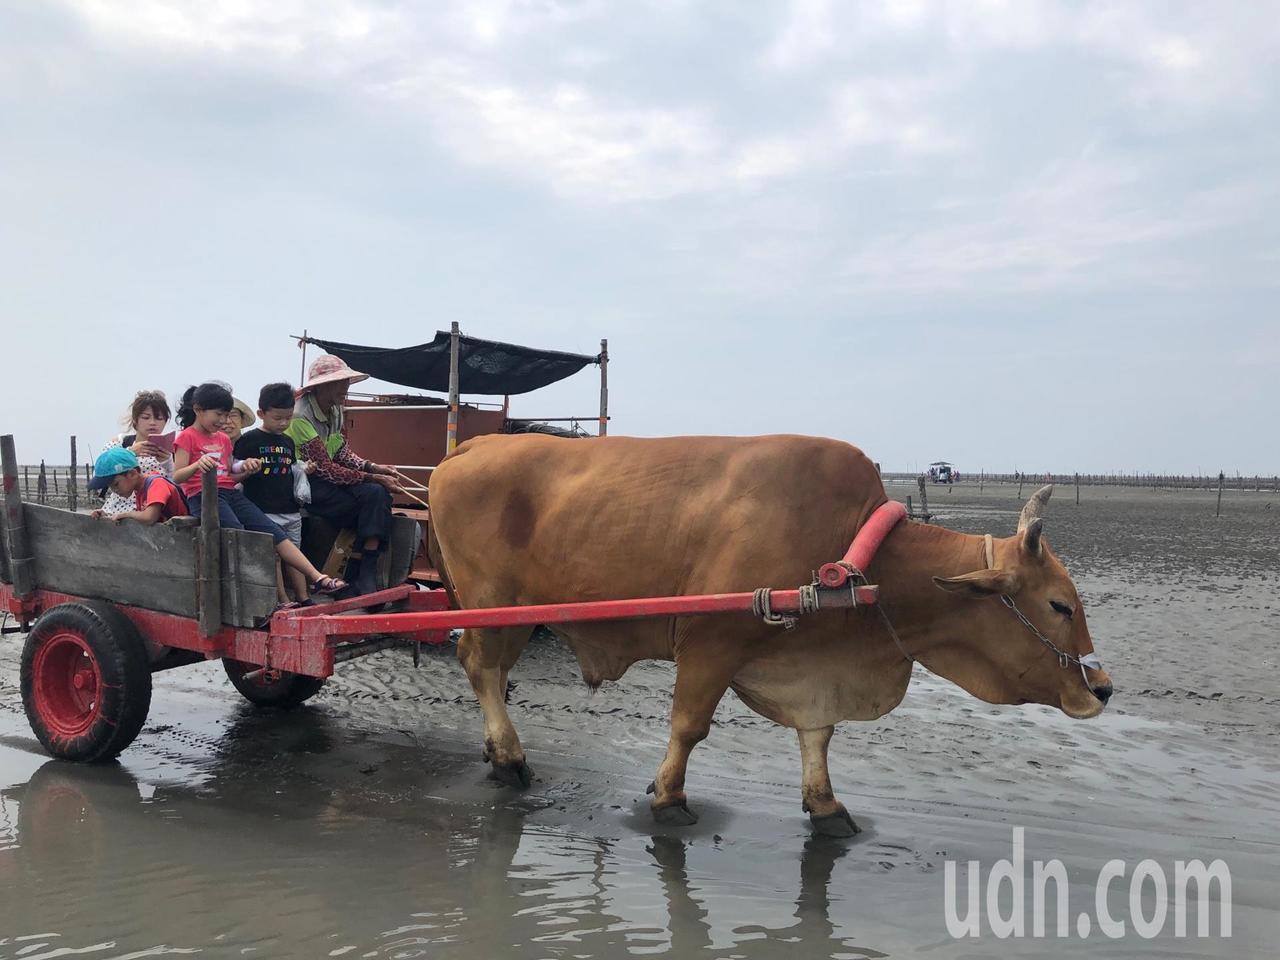 彰化縣擁有全世界獨一無二的搭海牛車漫遊潮間帶樂趣。記者何烱榮/攝影